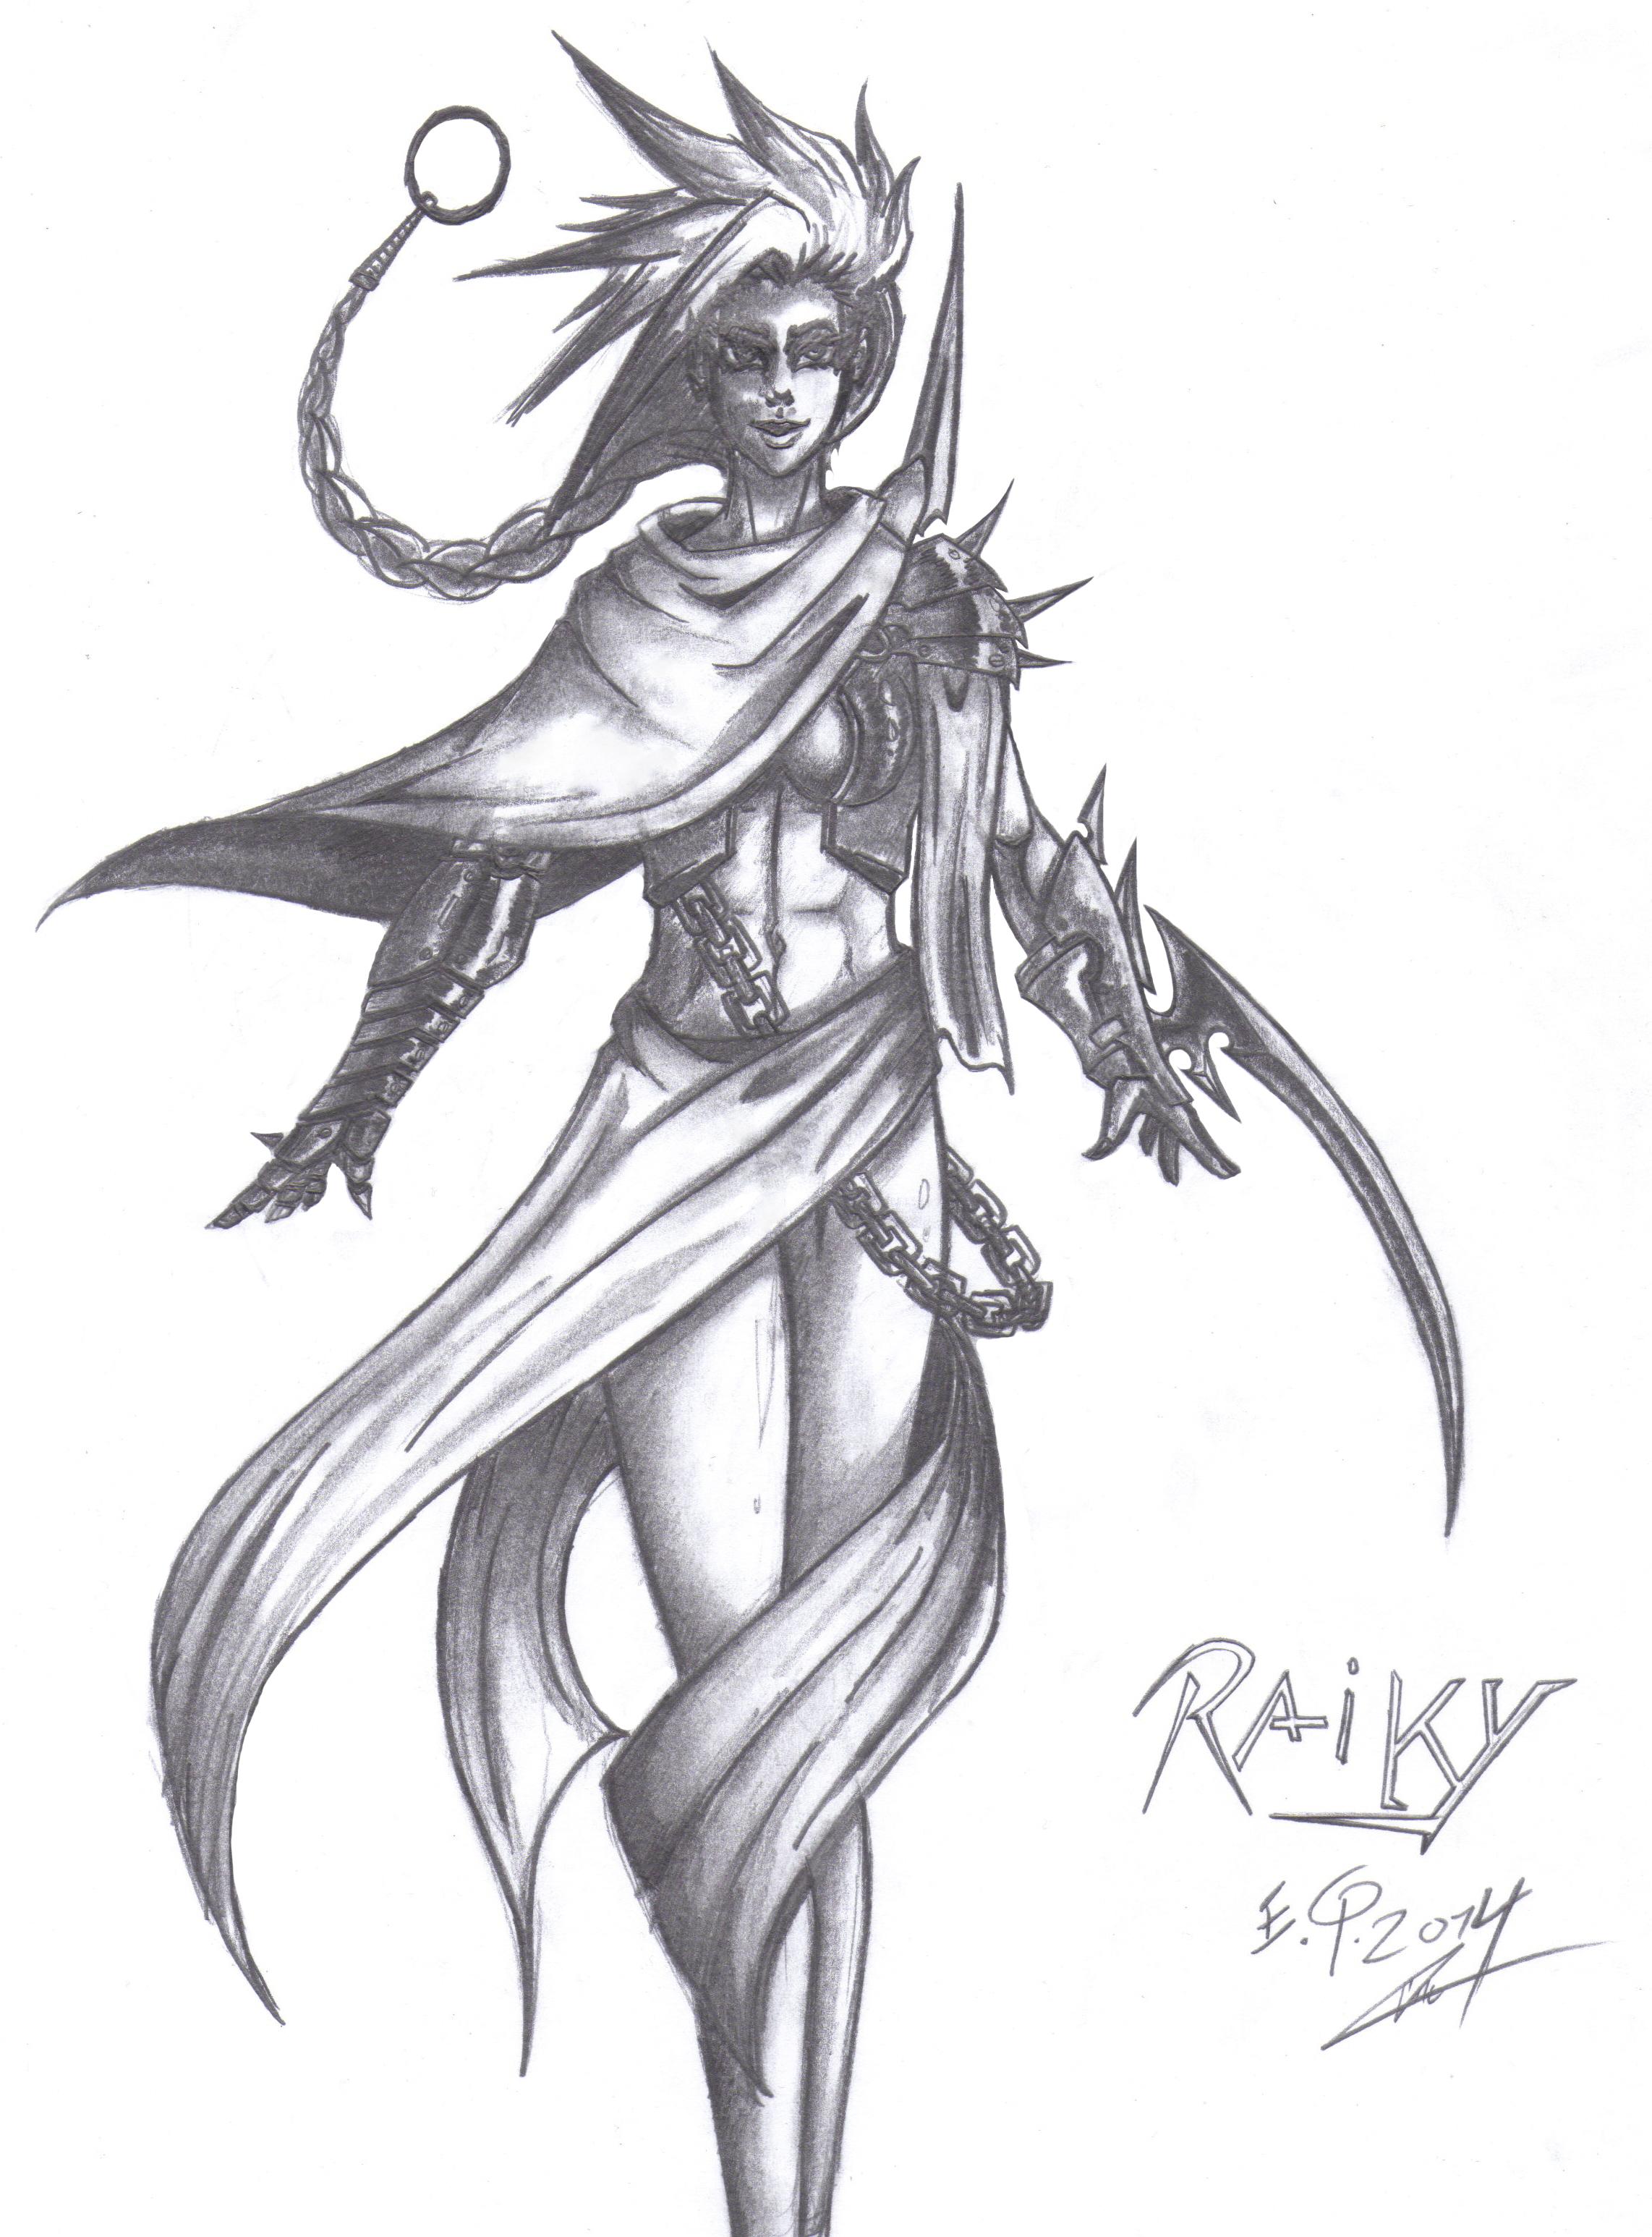 Raiky